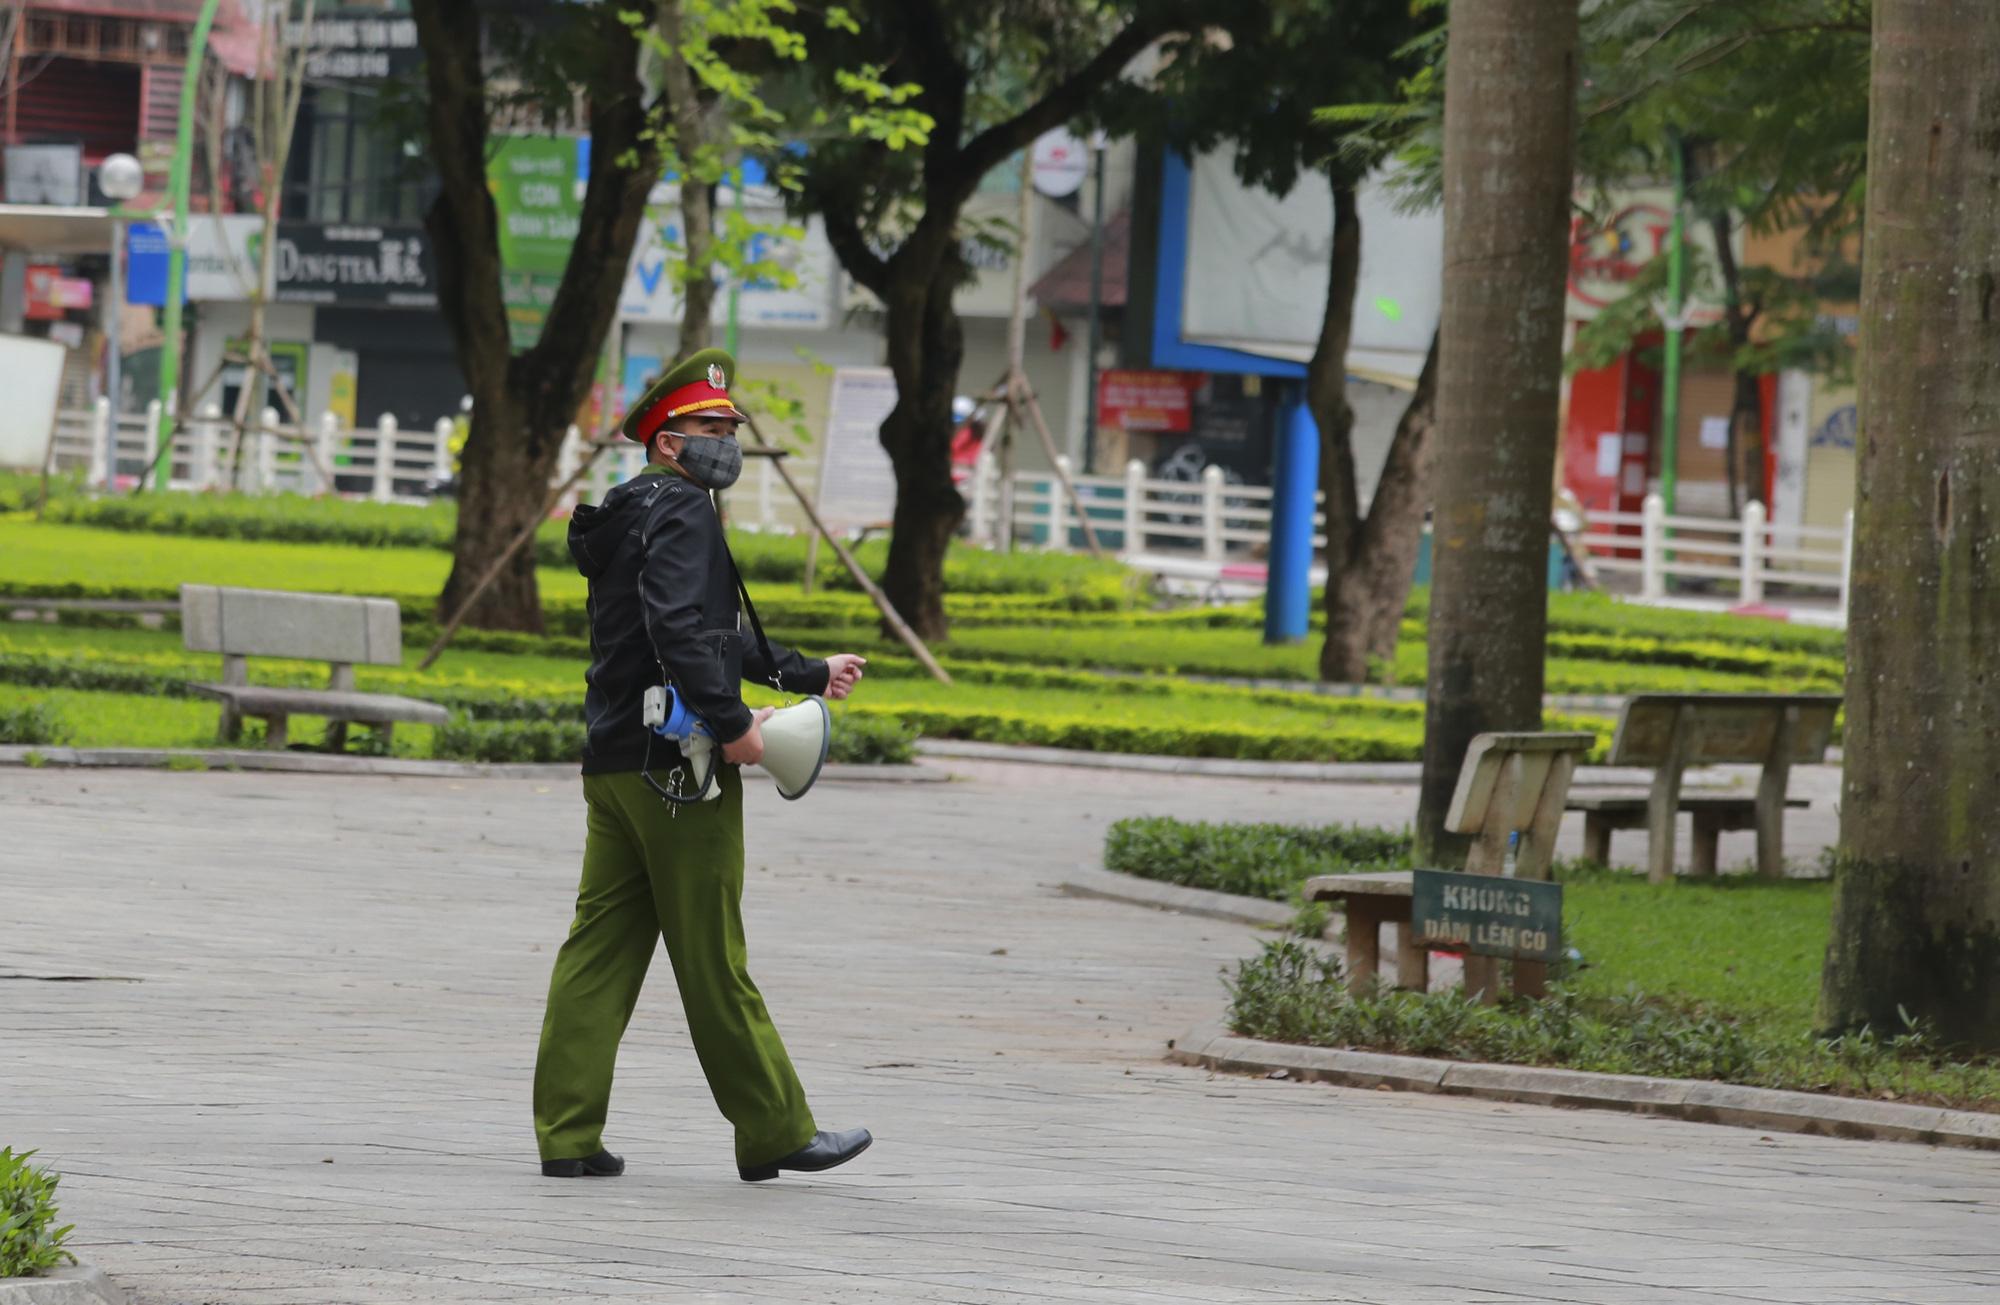 Hà Nội: Hàng trăm người dân đi tập thể dục bị nhắc nhở quay về nhà - Ảnh 10.